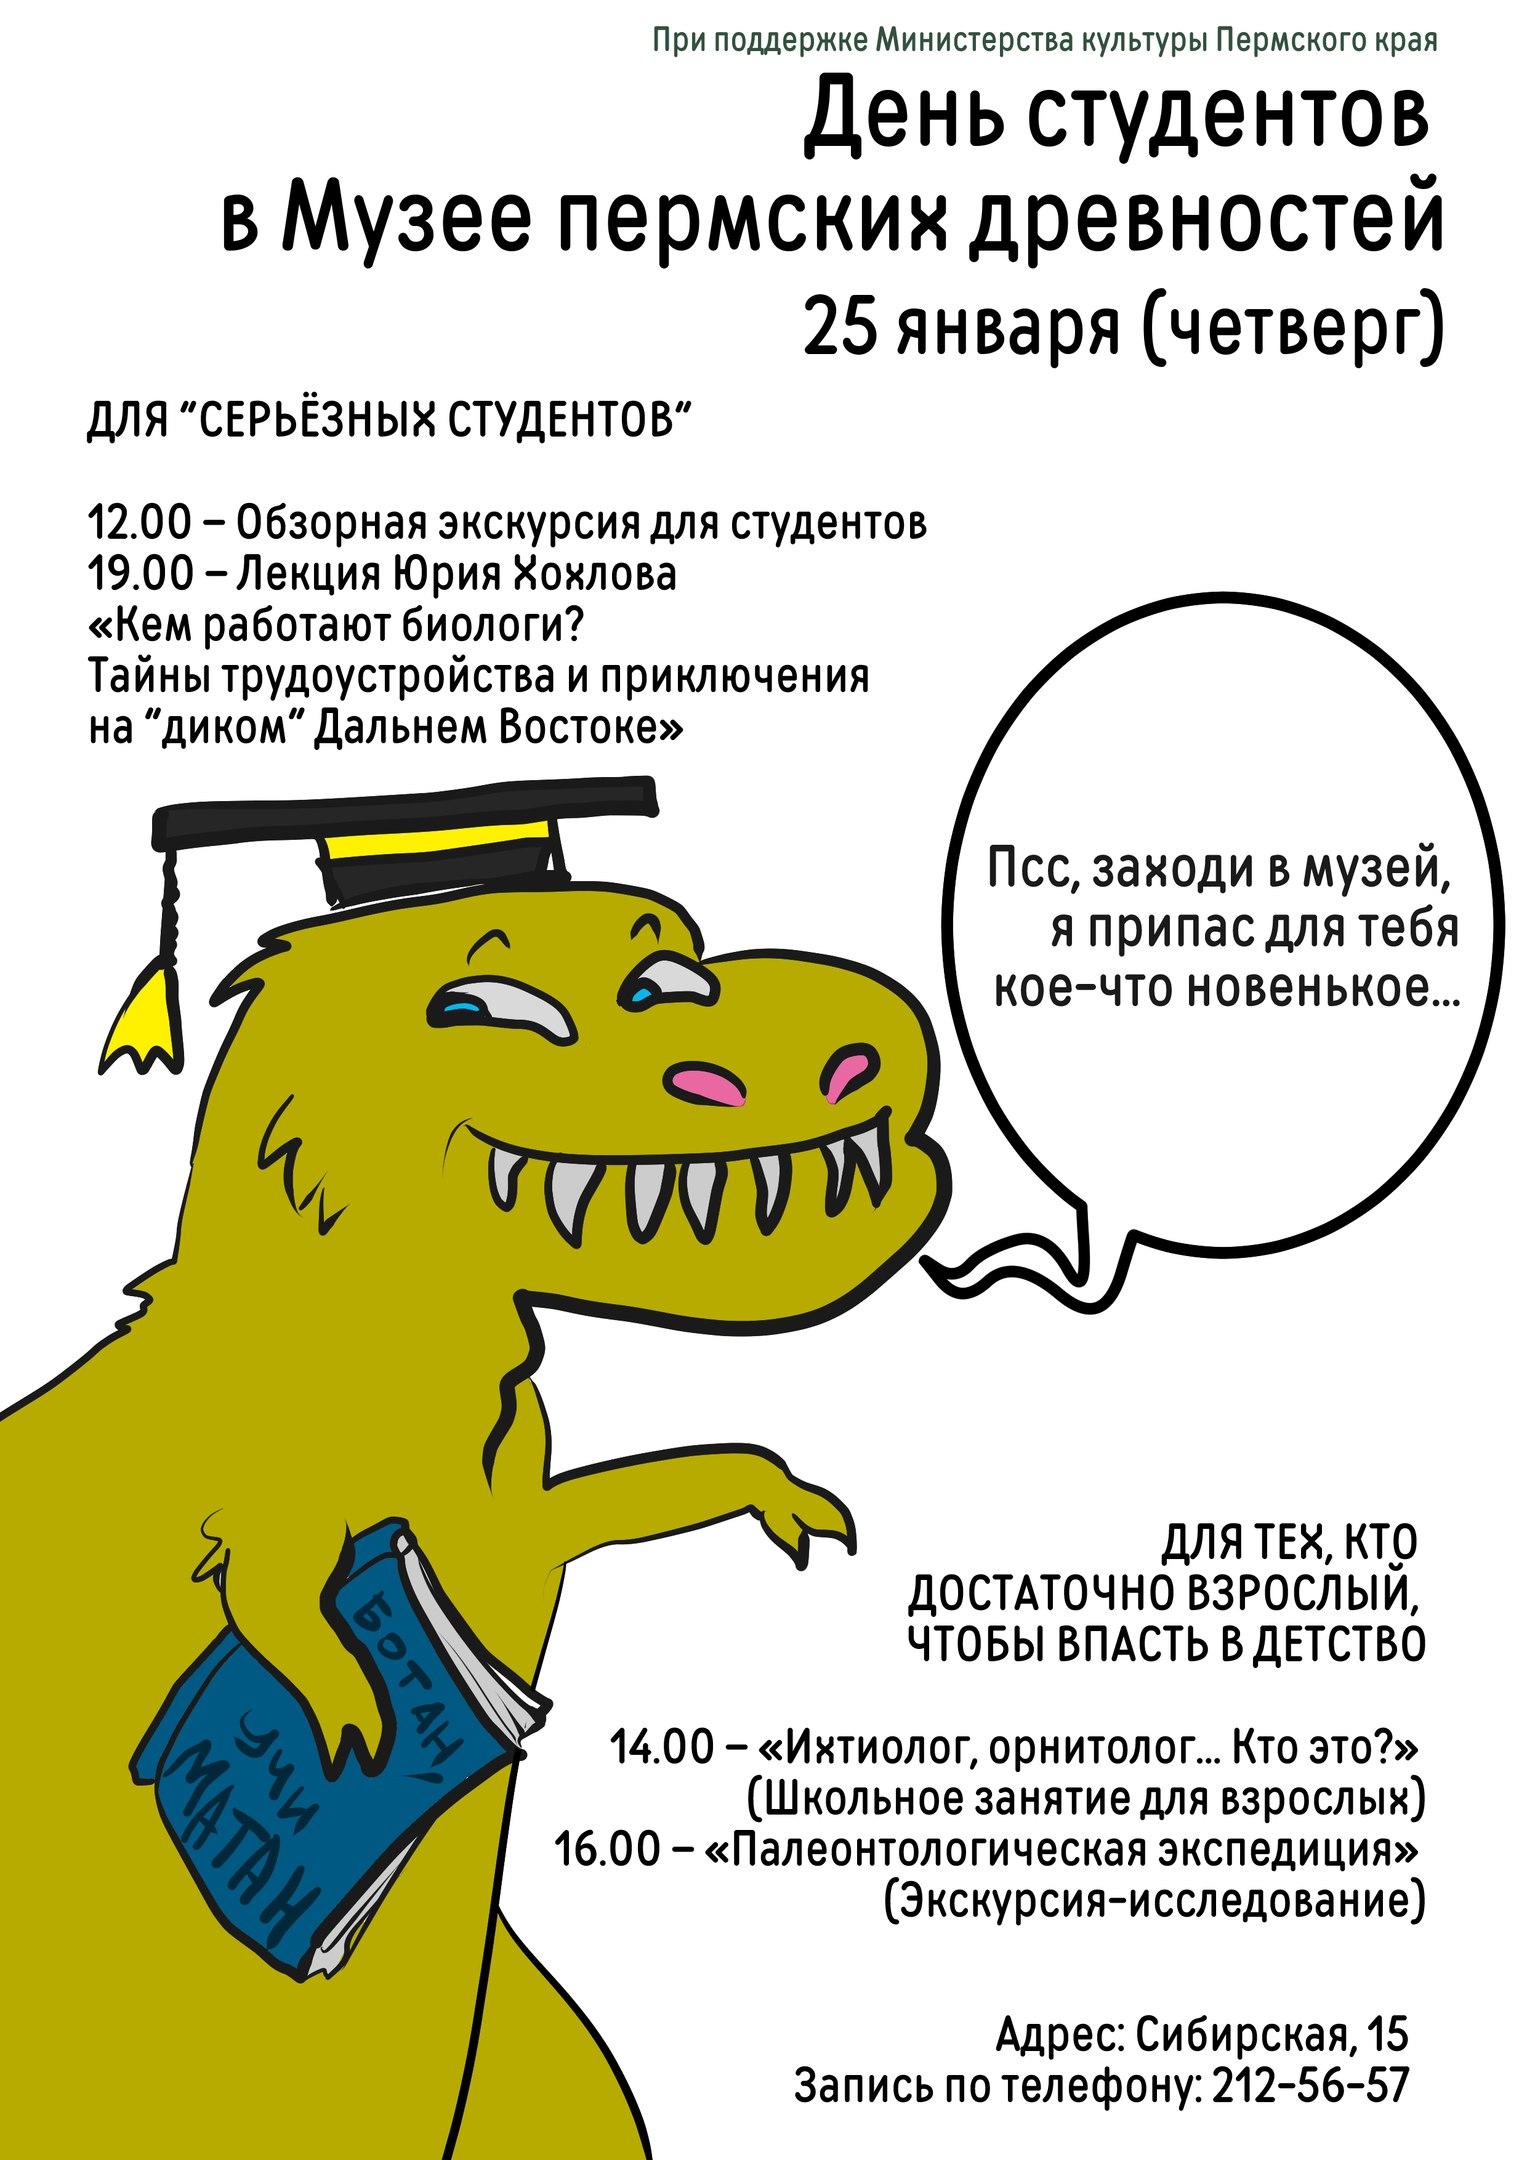 День студентов в МПД